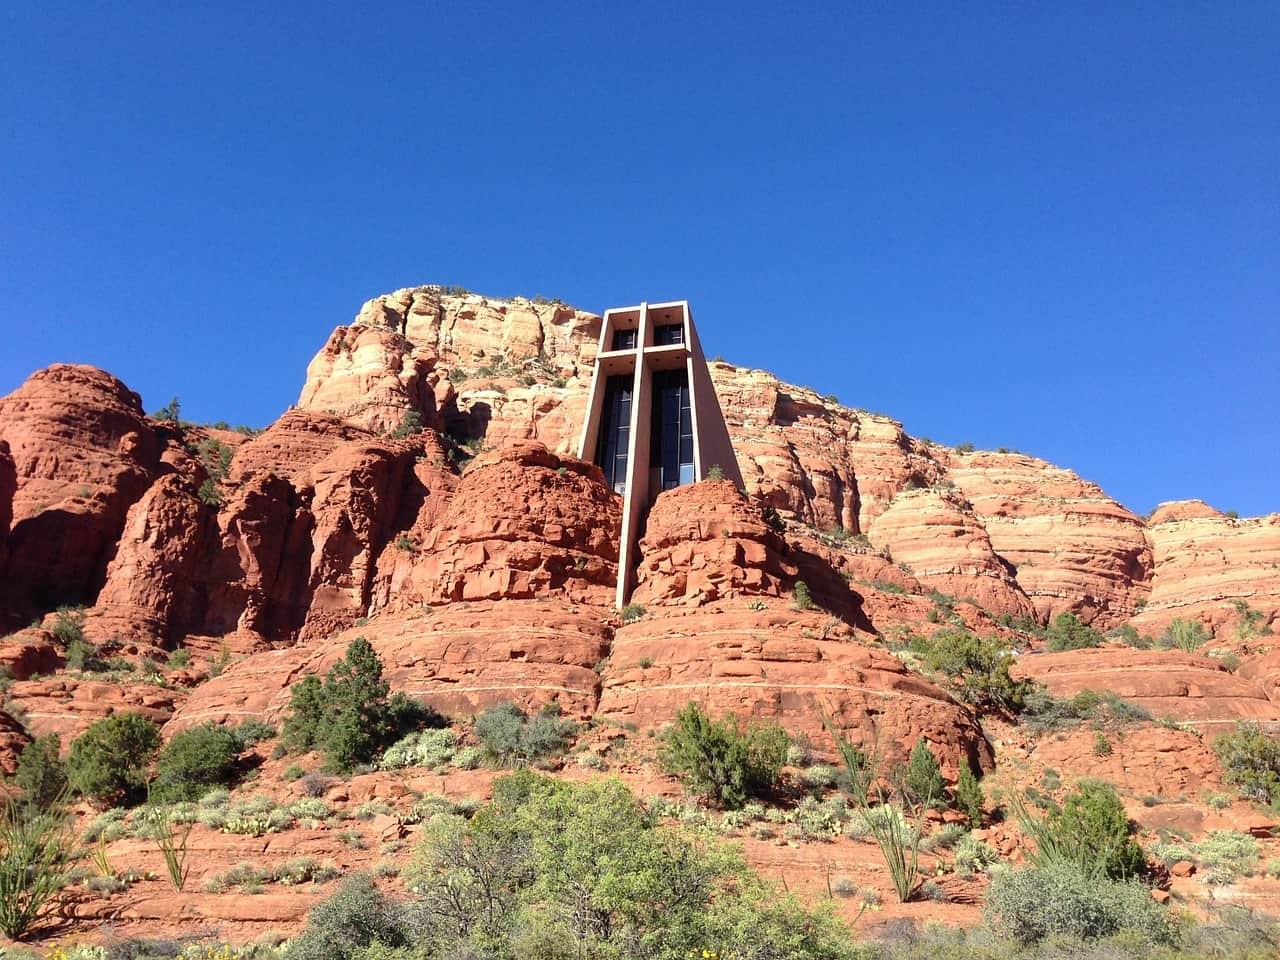 The church of the holy cross in Sedona Arizona